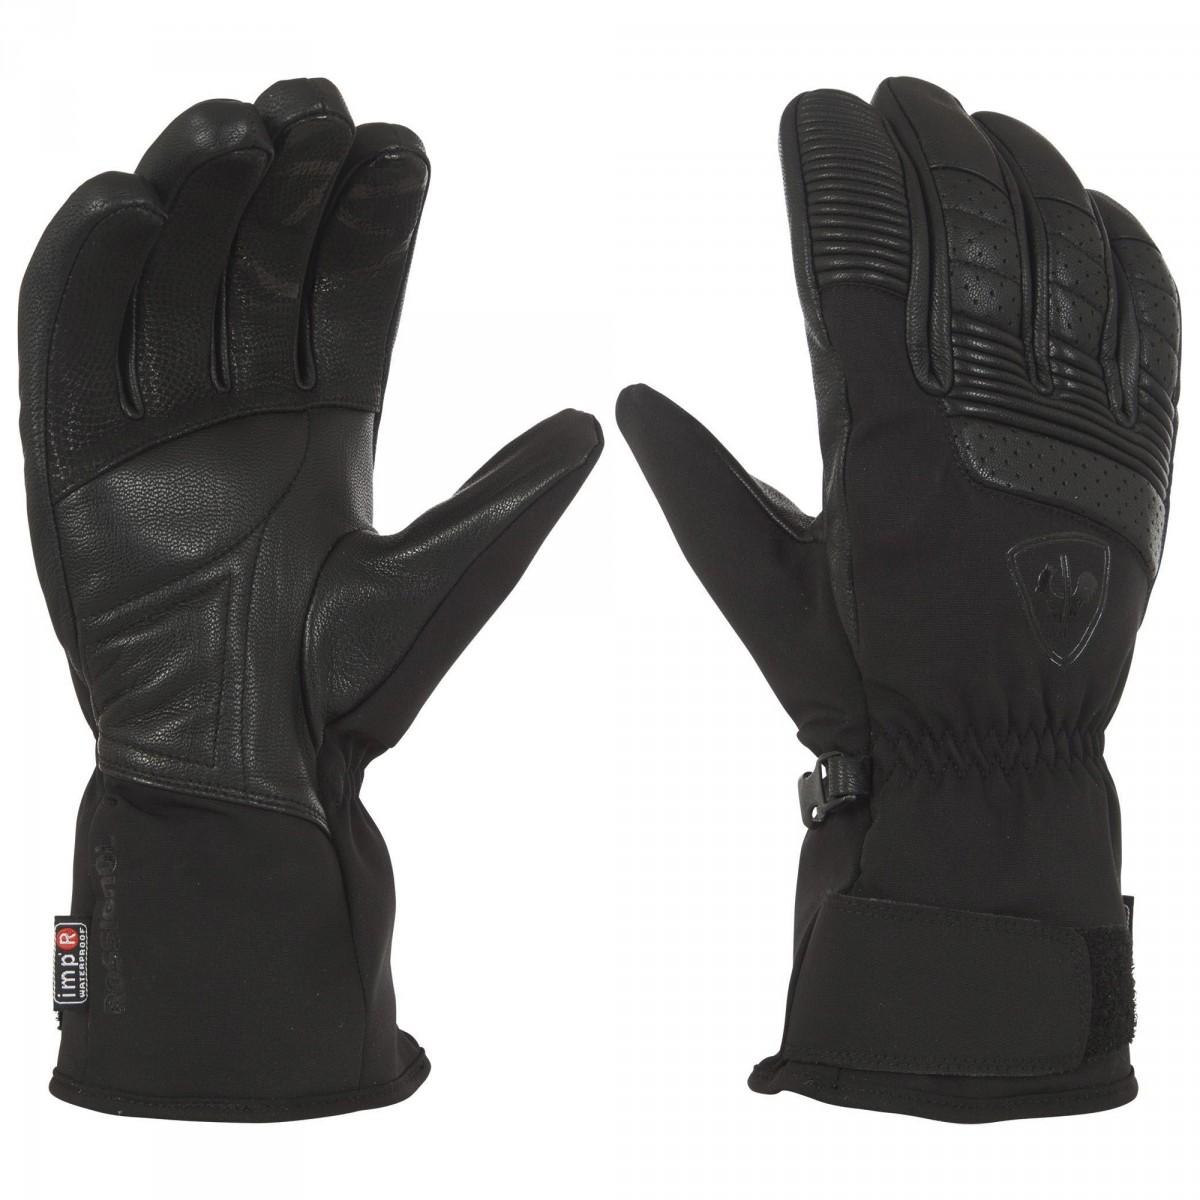 gants ski rossignol concept stretch impr homme accessoires ski. Black Bedroom Furniture Sets. Home Design Ideas